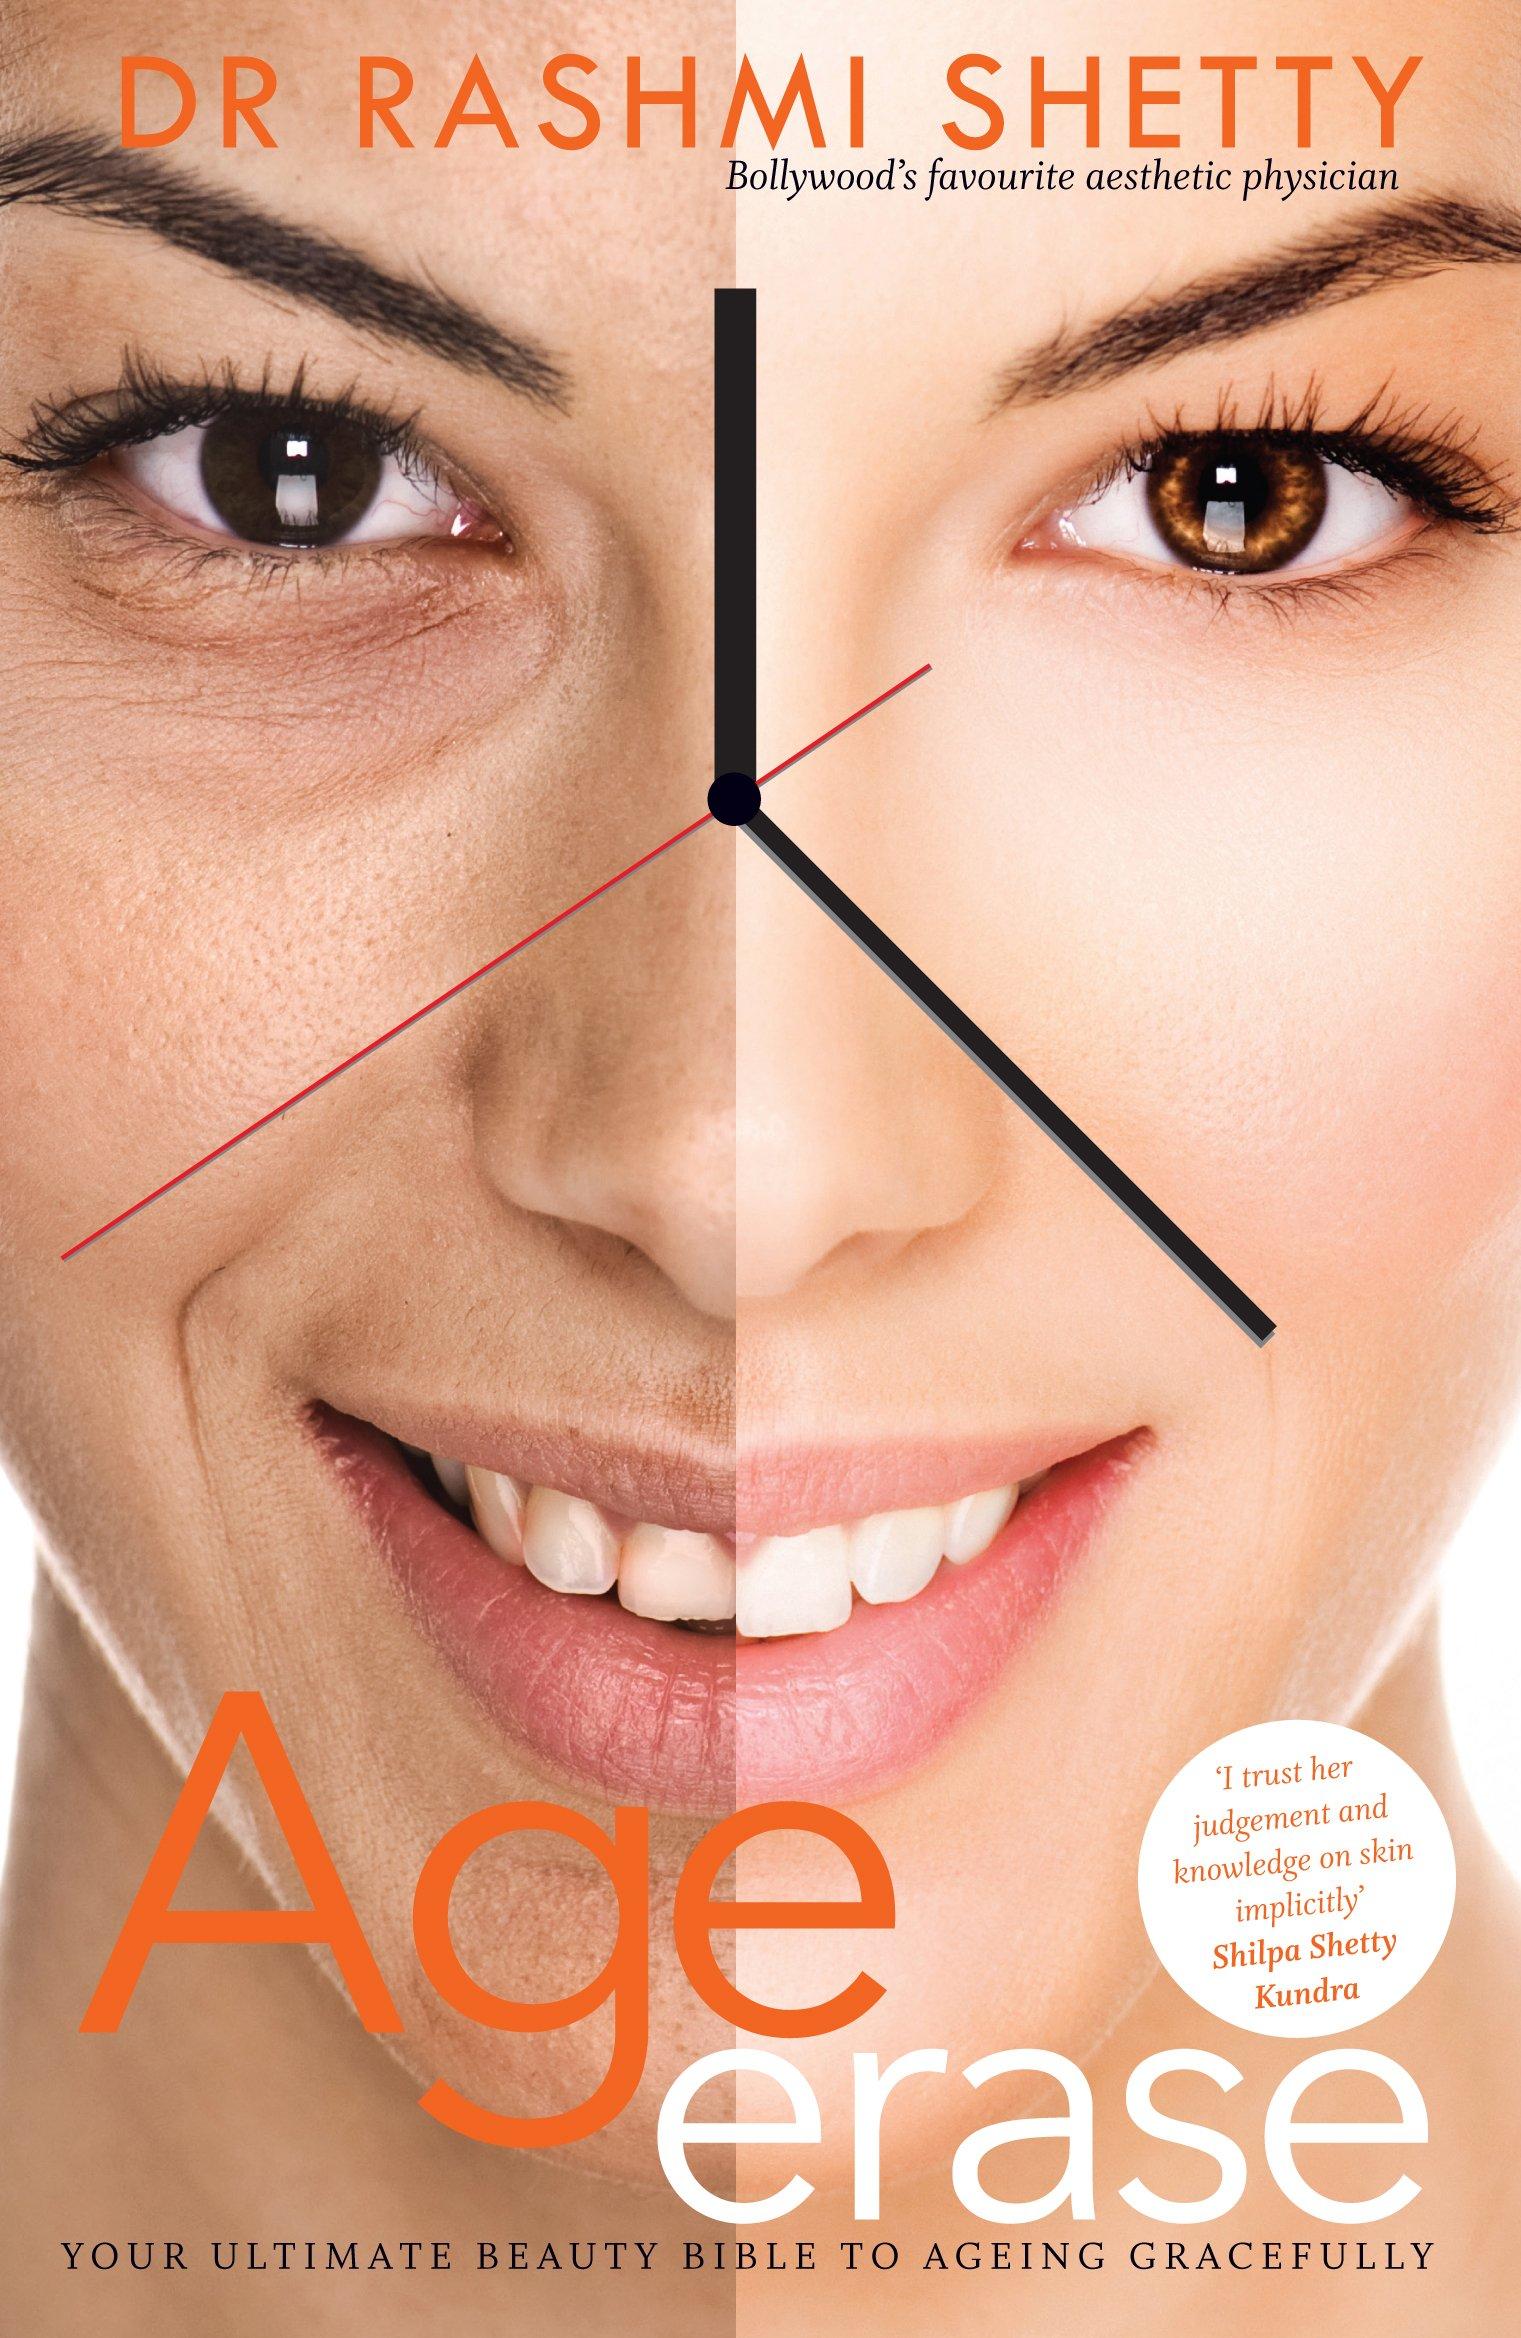 Age Erase Book